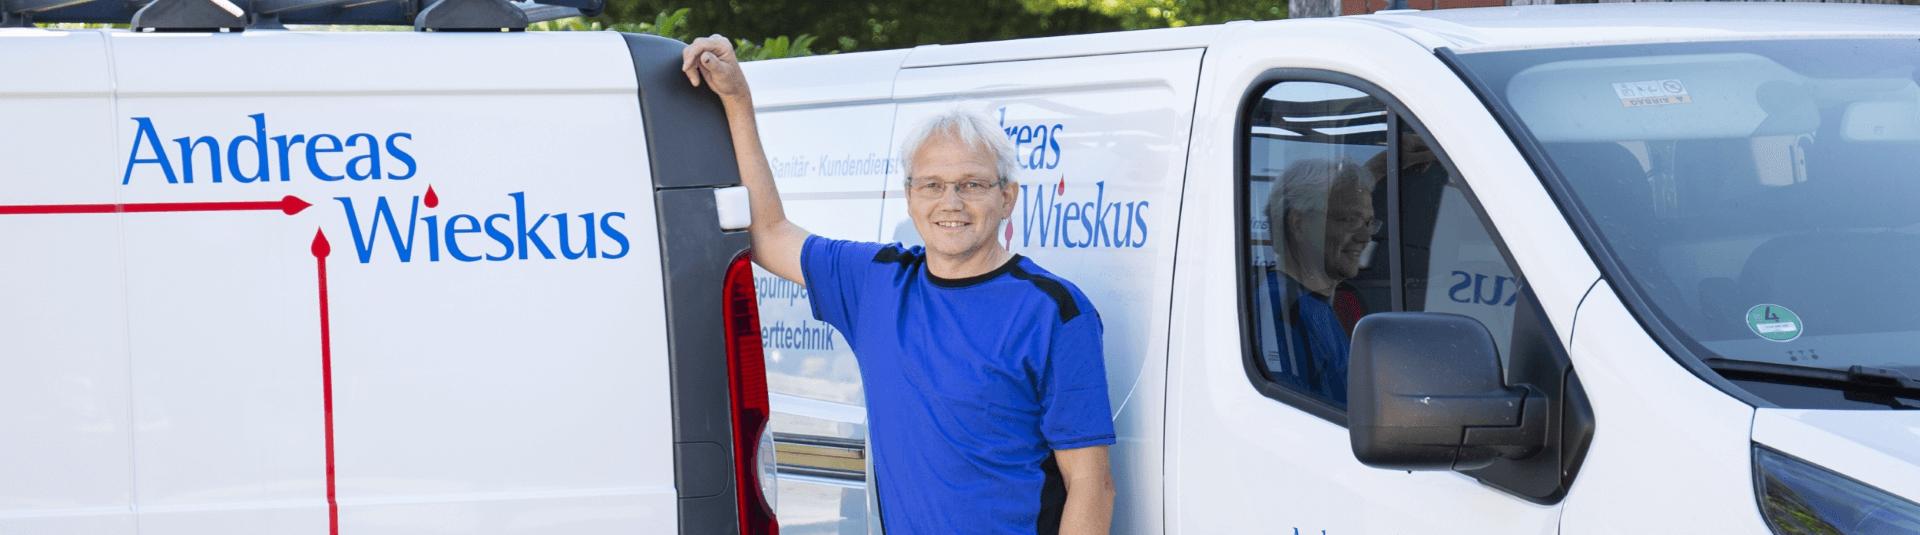 andreas-wieskus-duelmen-sanitaer-heizung-startseite